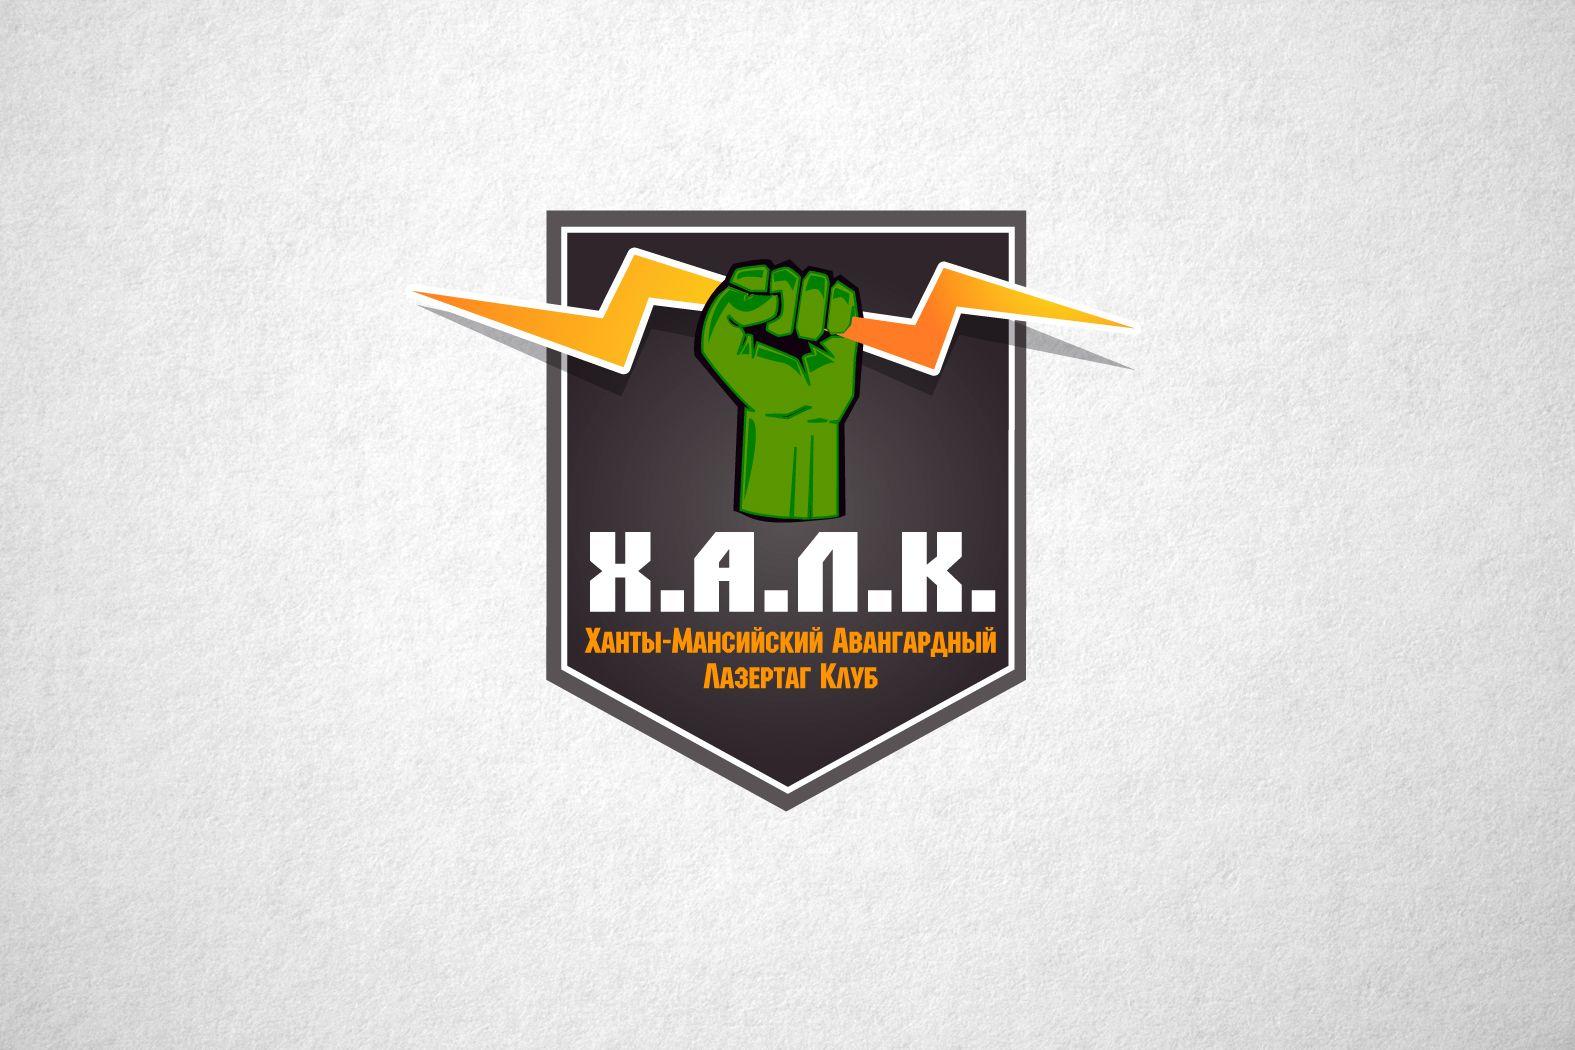 Лого и фирменный стиль для лазертаг клуба - дизайнер funkielevis